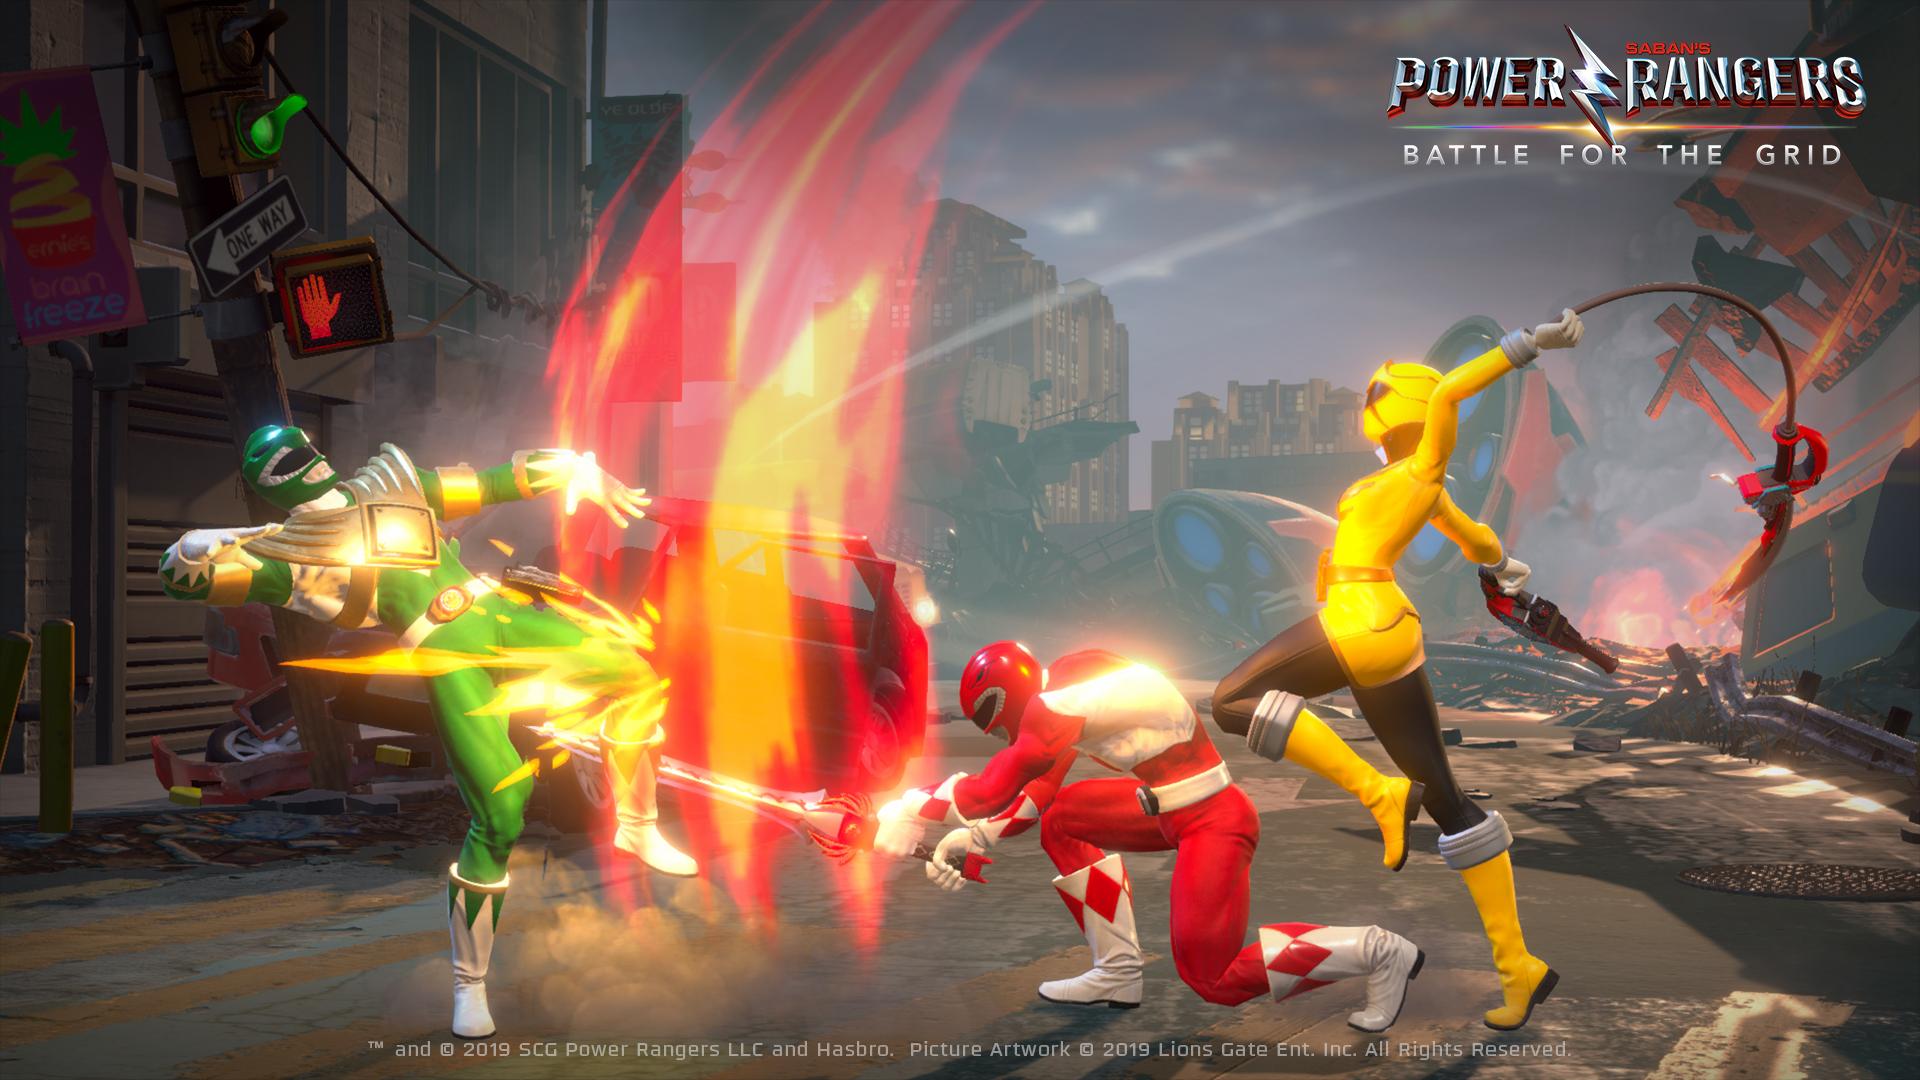 Power-Rangers-Battle-for-the-Grid_2019_01-17-19_003